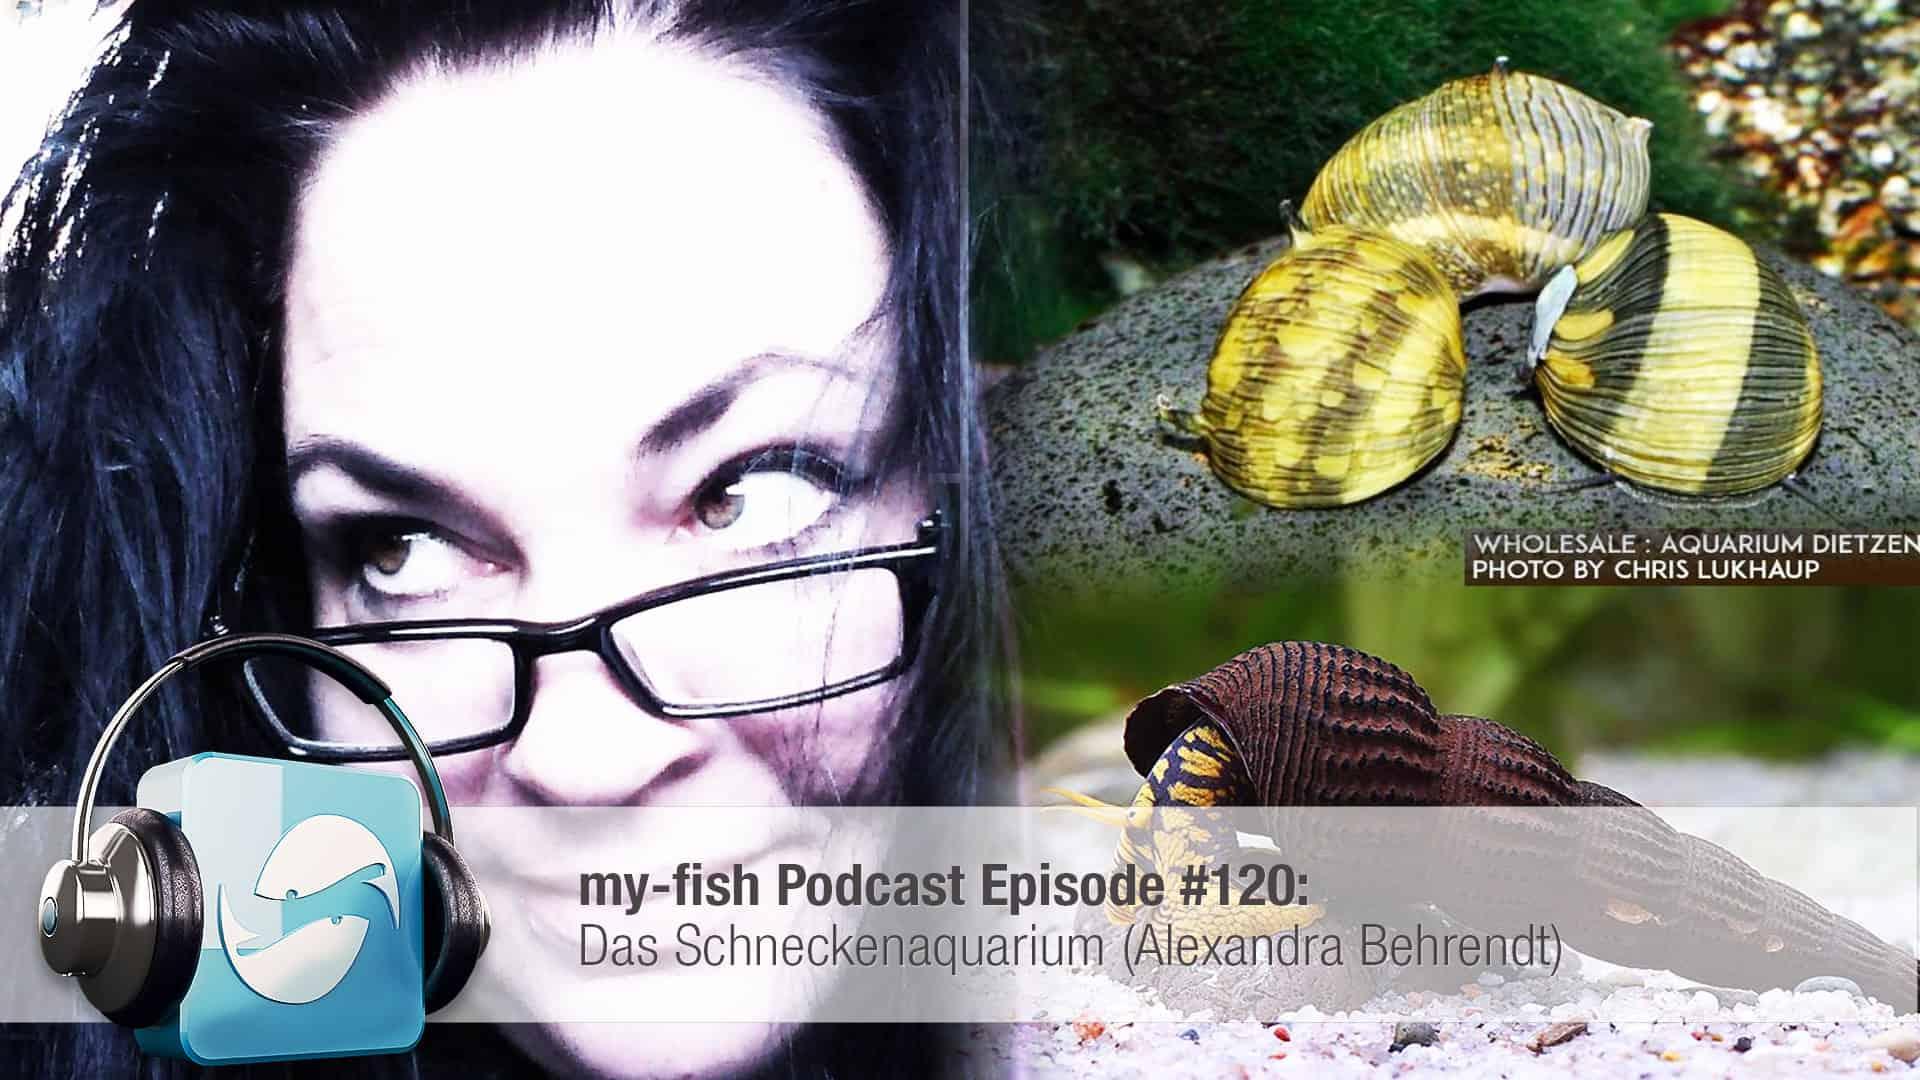 Podcast Episode #120: Das Schneckenaquarium (Alexandra Behrendt) 1